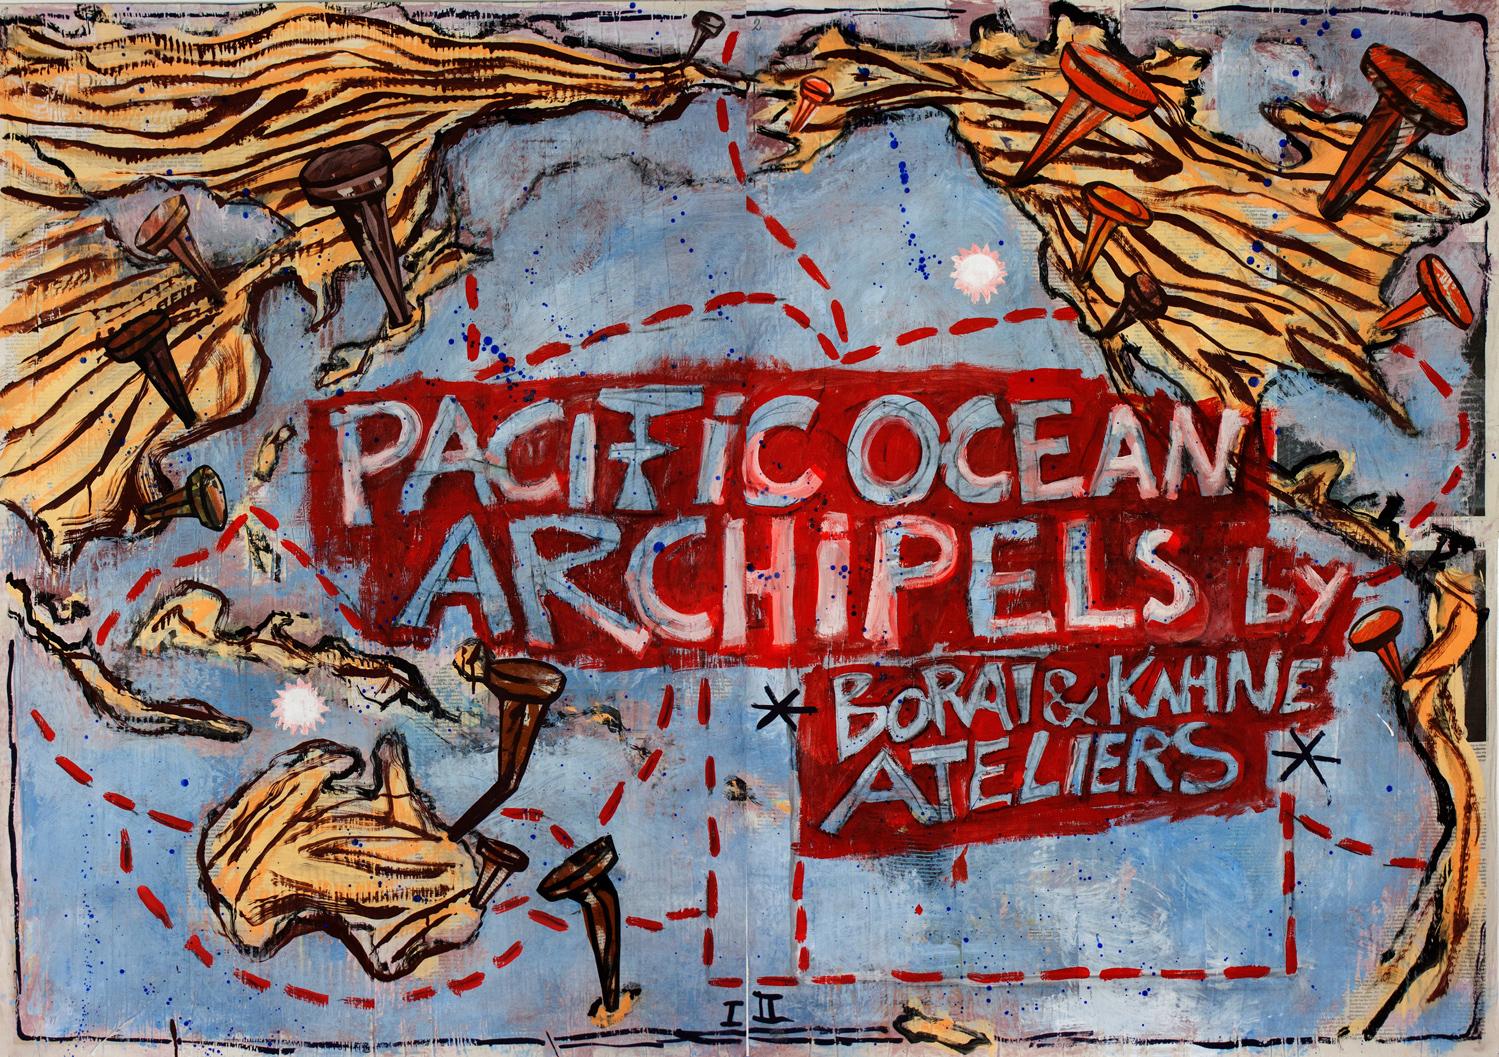 01-2-Pacific-Ocean-Archipels-2teilig